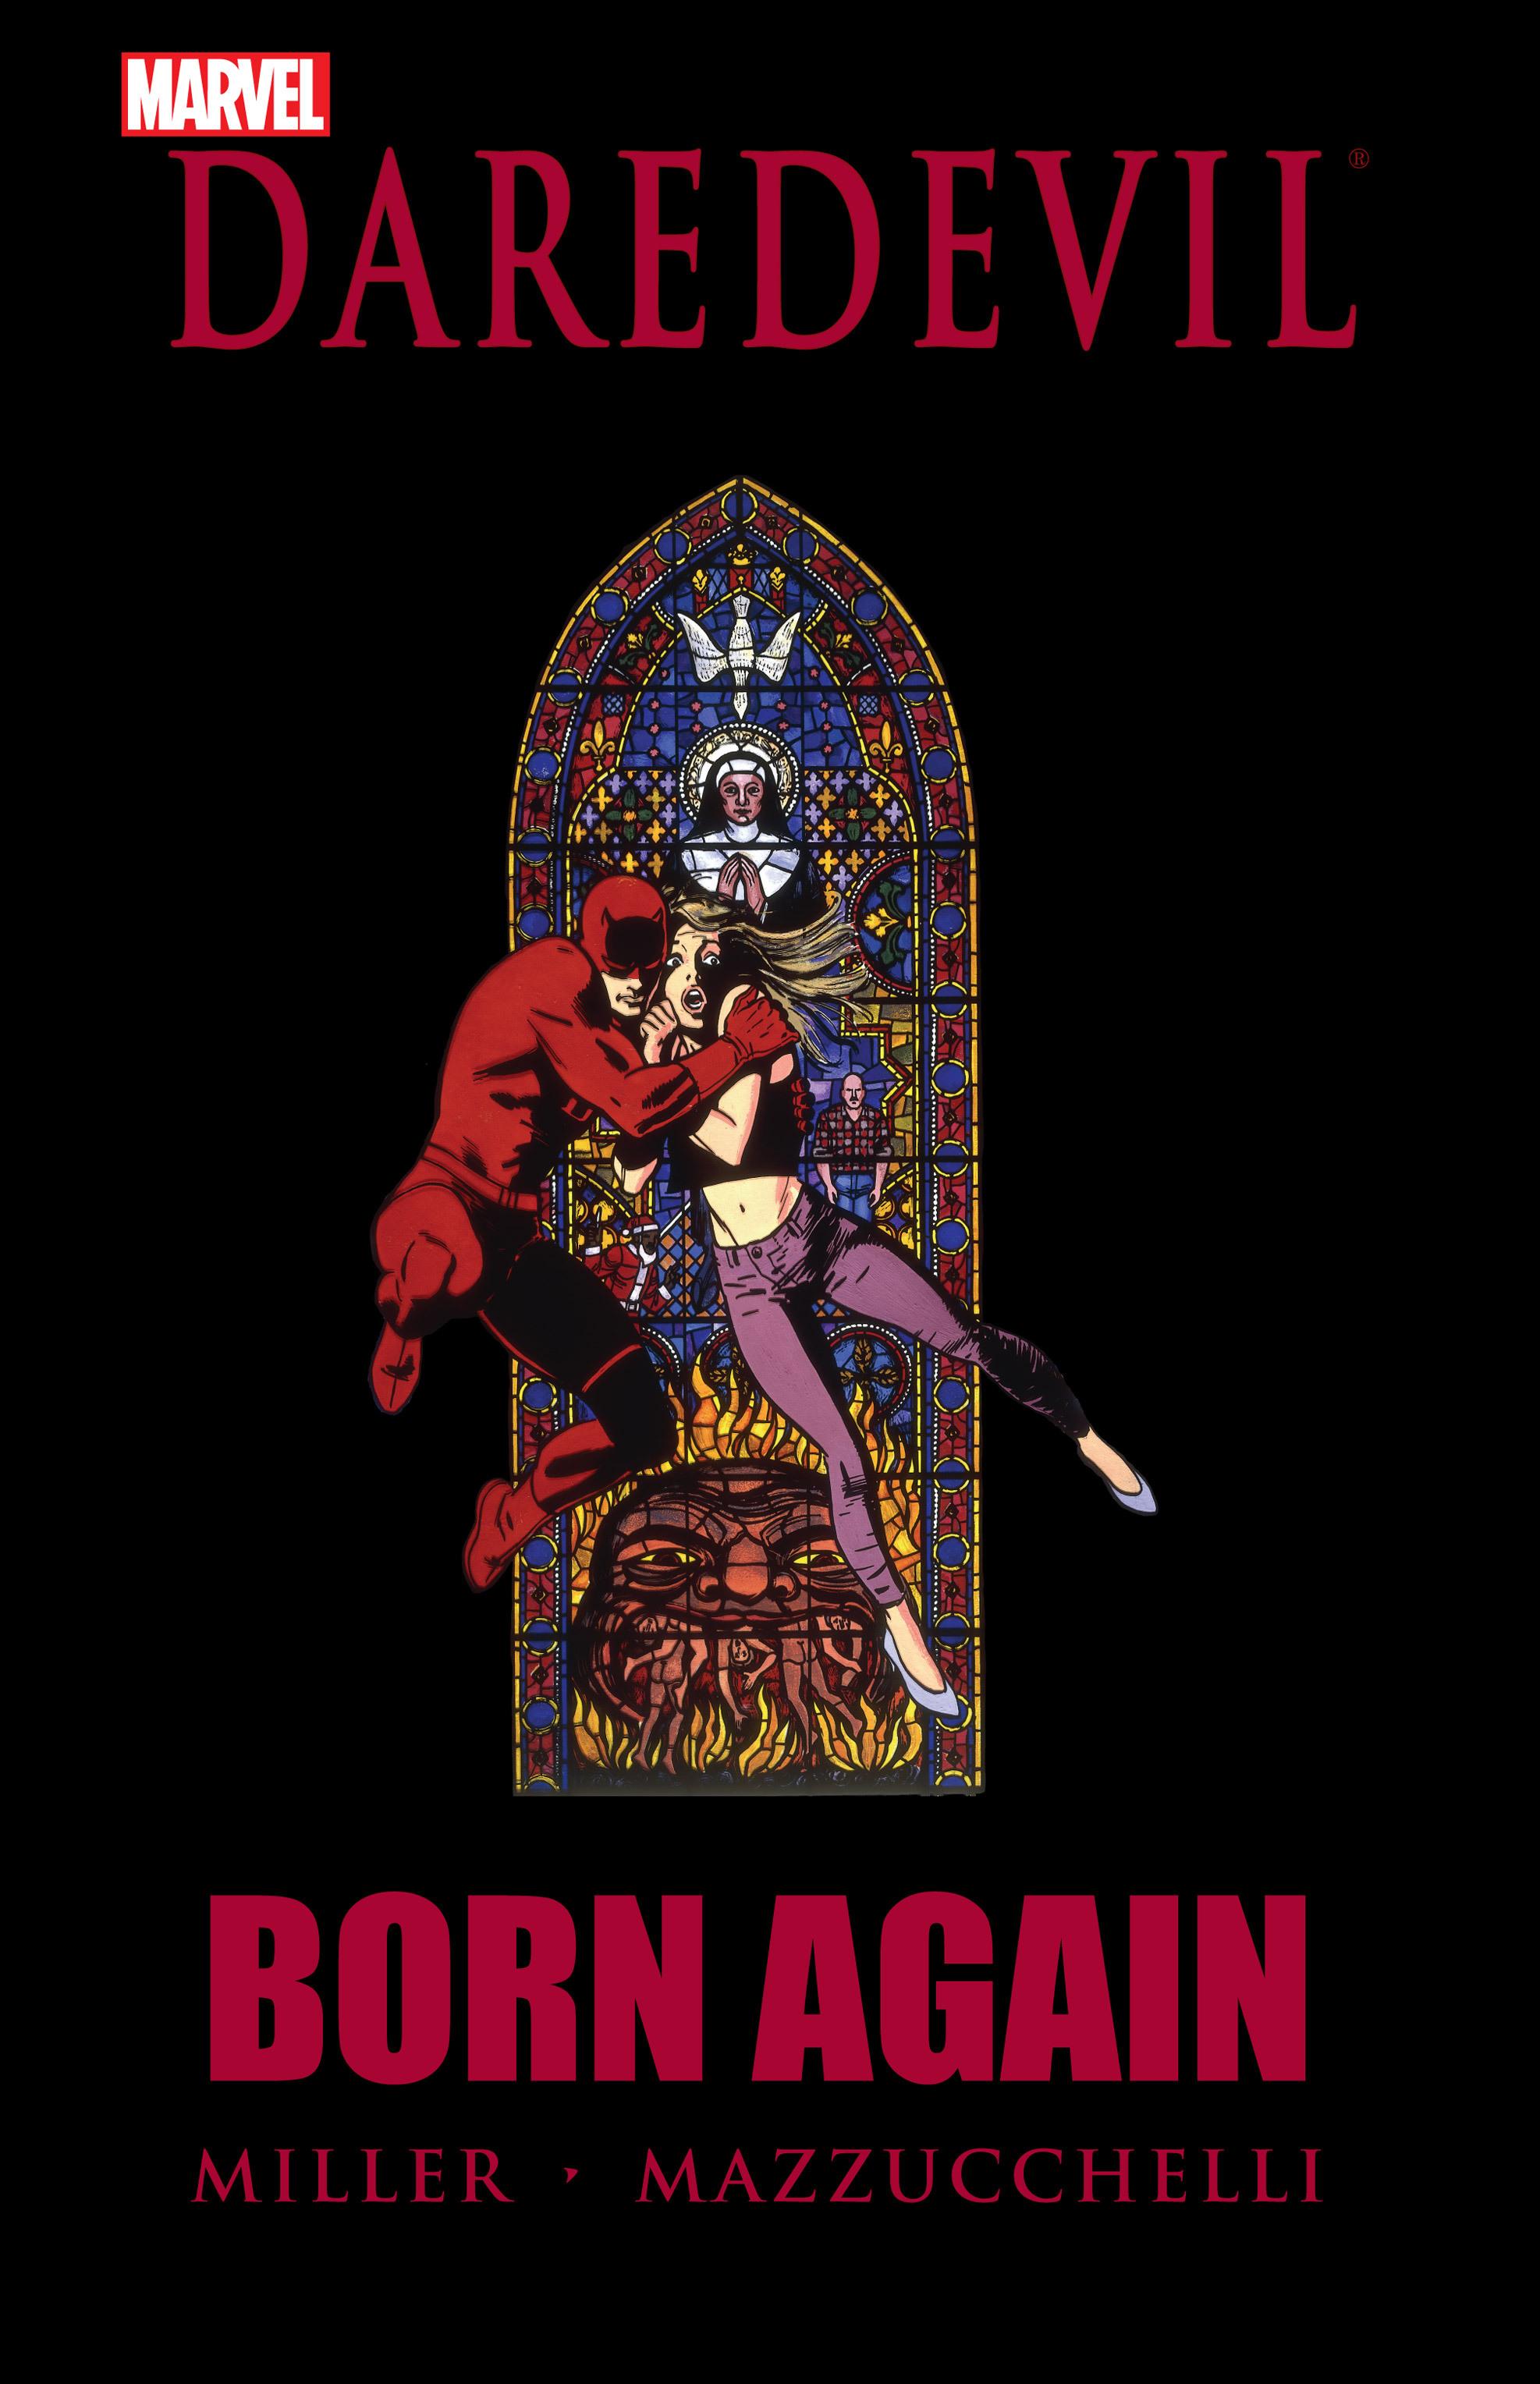 Daredevil: Born Again Full Page 1